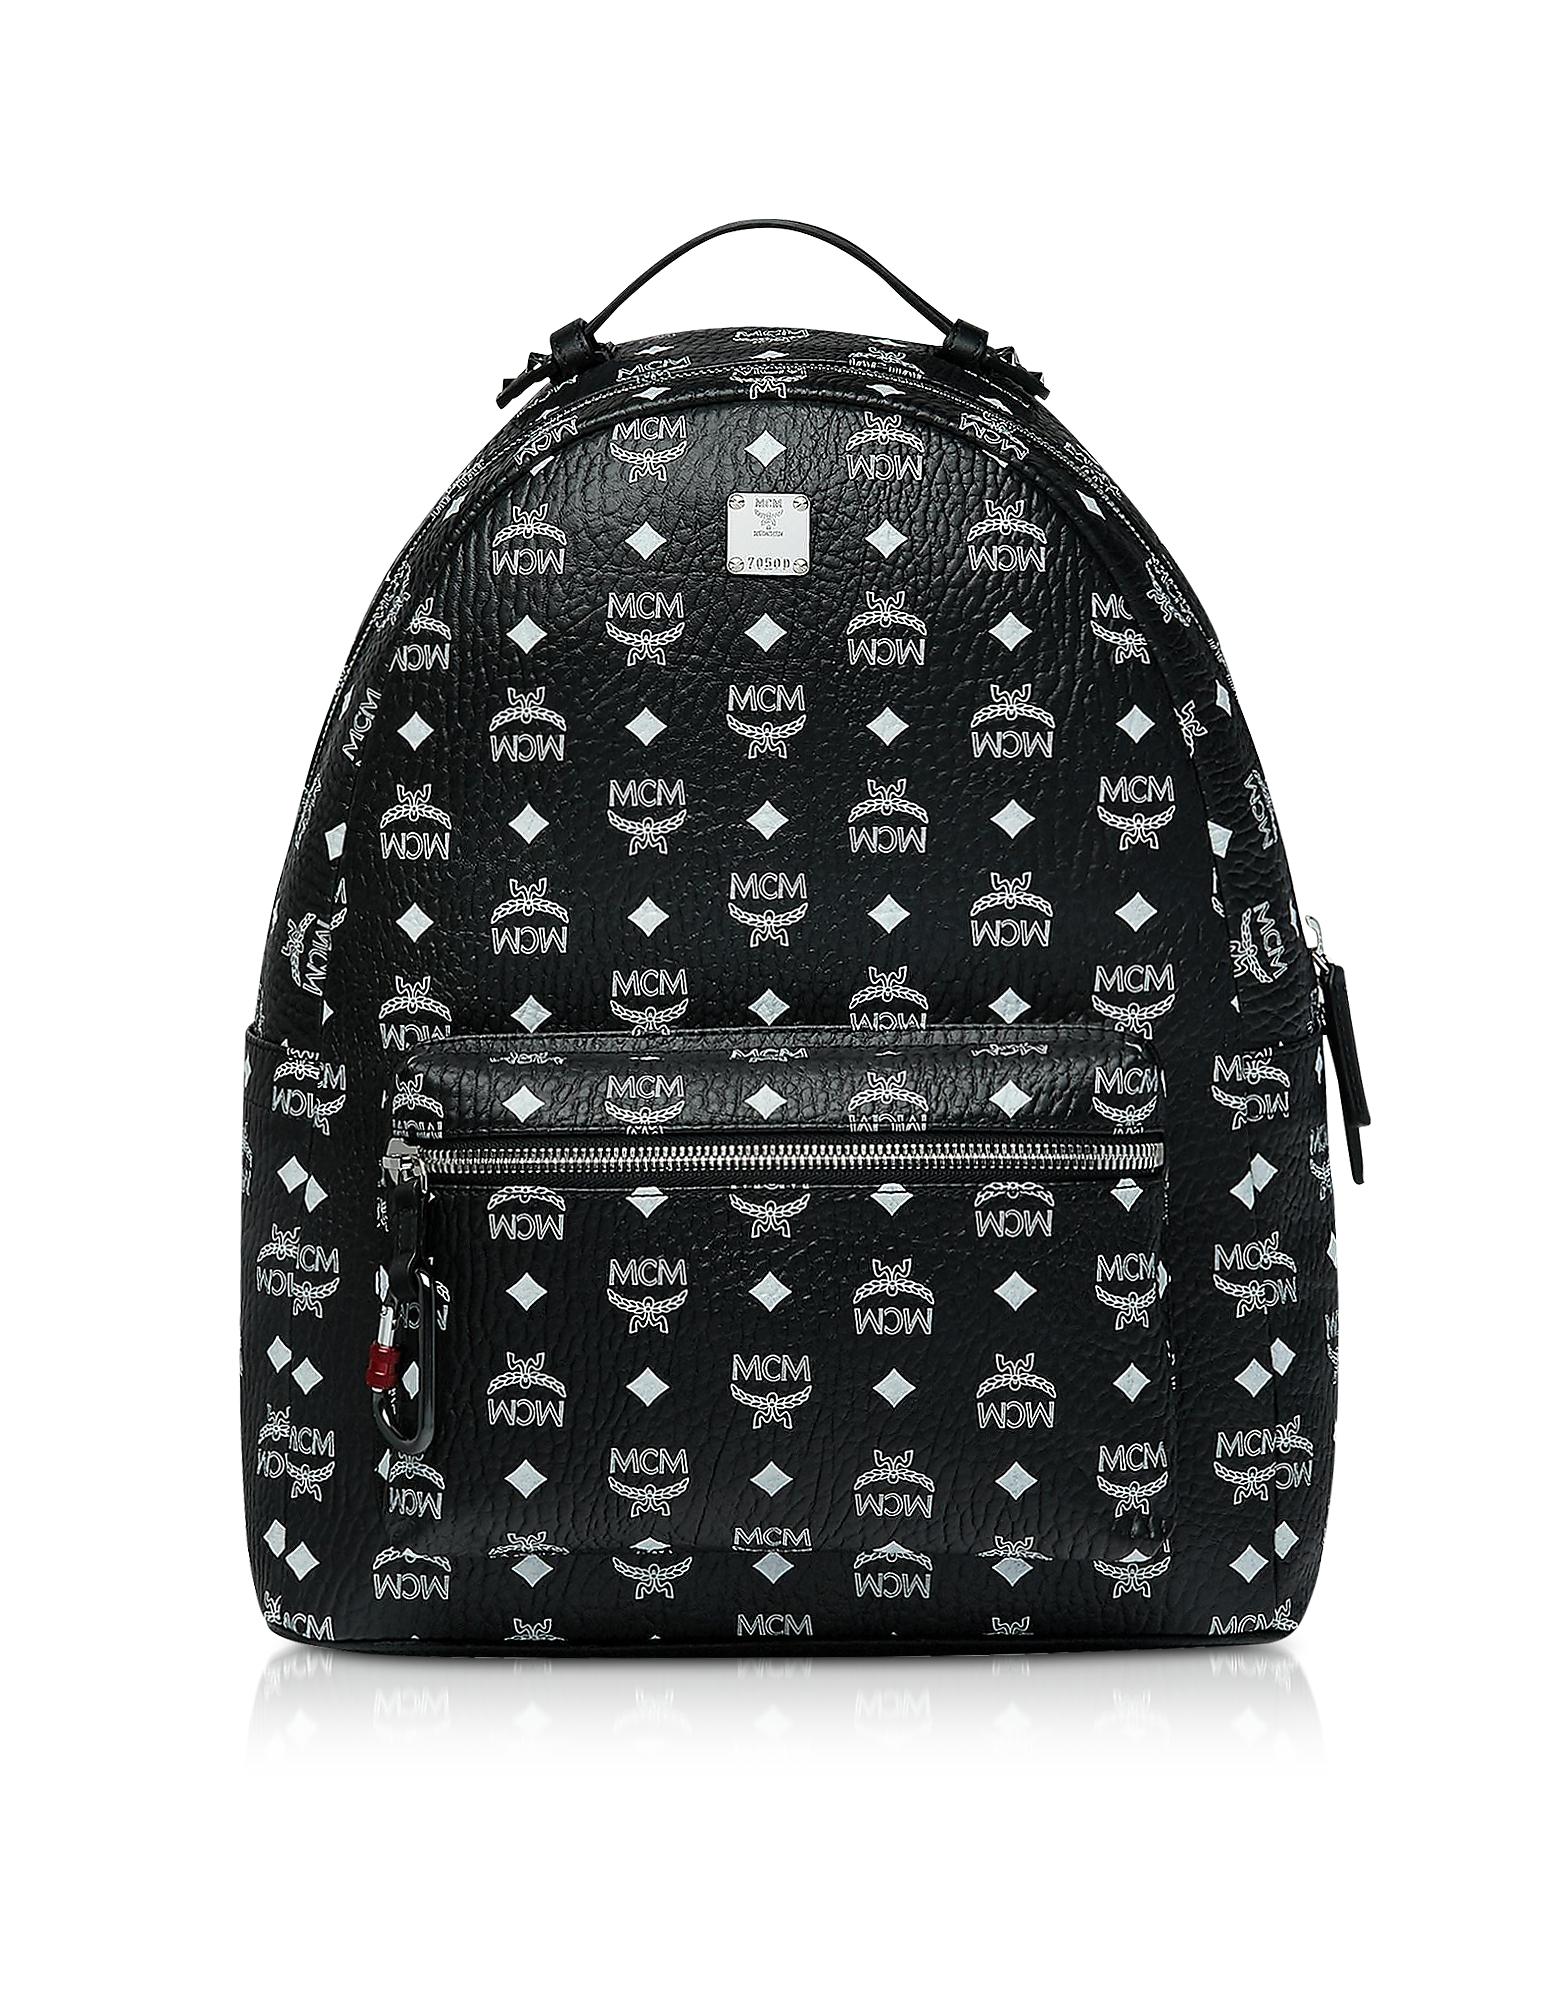 Black Stark Backpack w/White Logo Visetos 40